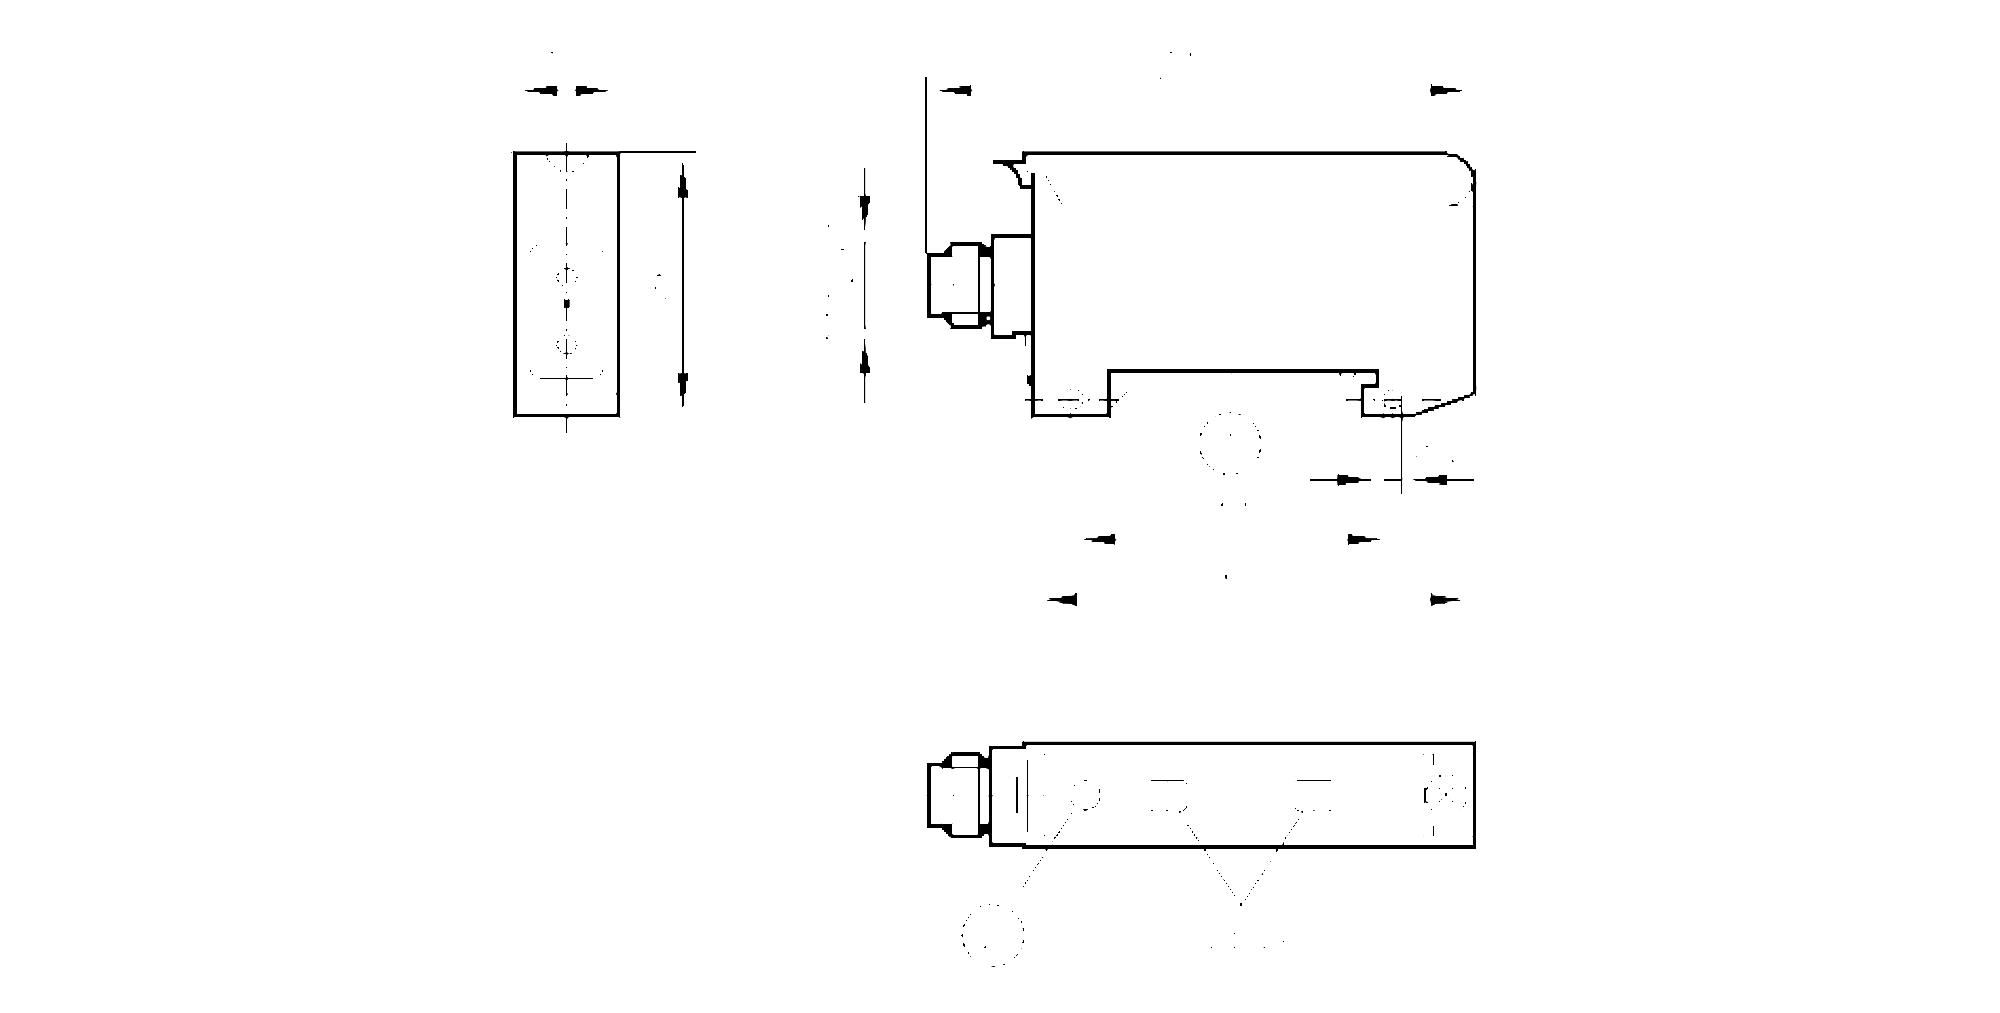 ob5032 - amplificador para fibra  u00f3ptica